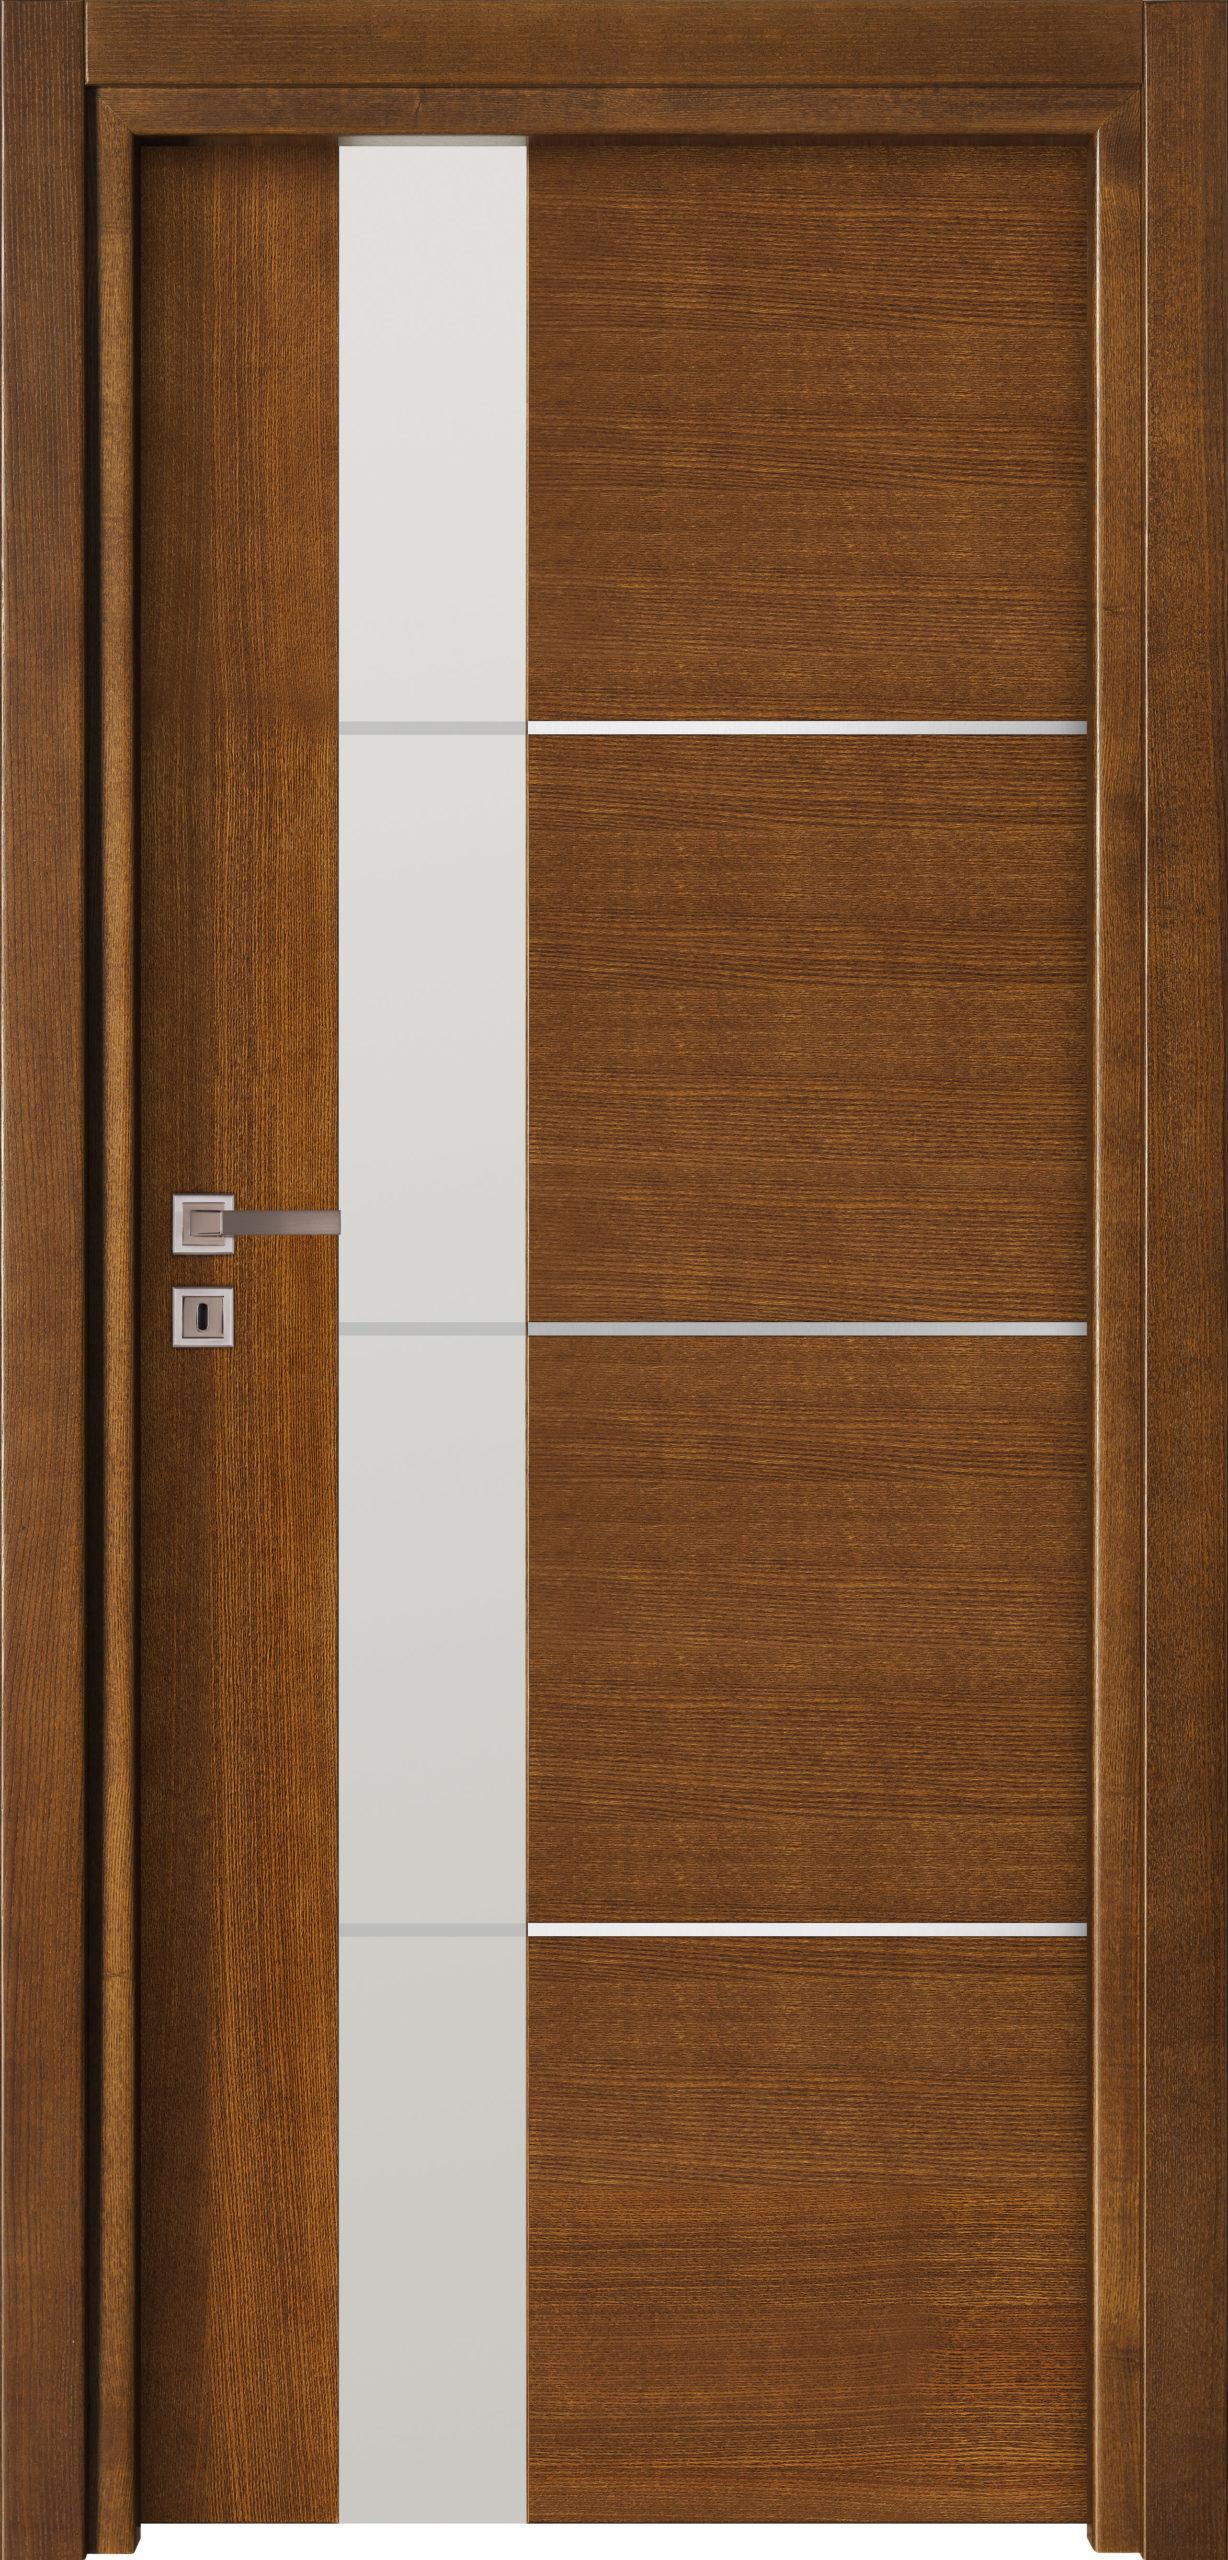 Focus A13 - jesion - jasny brunat- szklenie lacomat bezpieczny z piaskowaniem - ościeżnica przylgowa regulowana drewniana prosta (IIa)